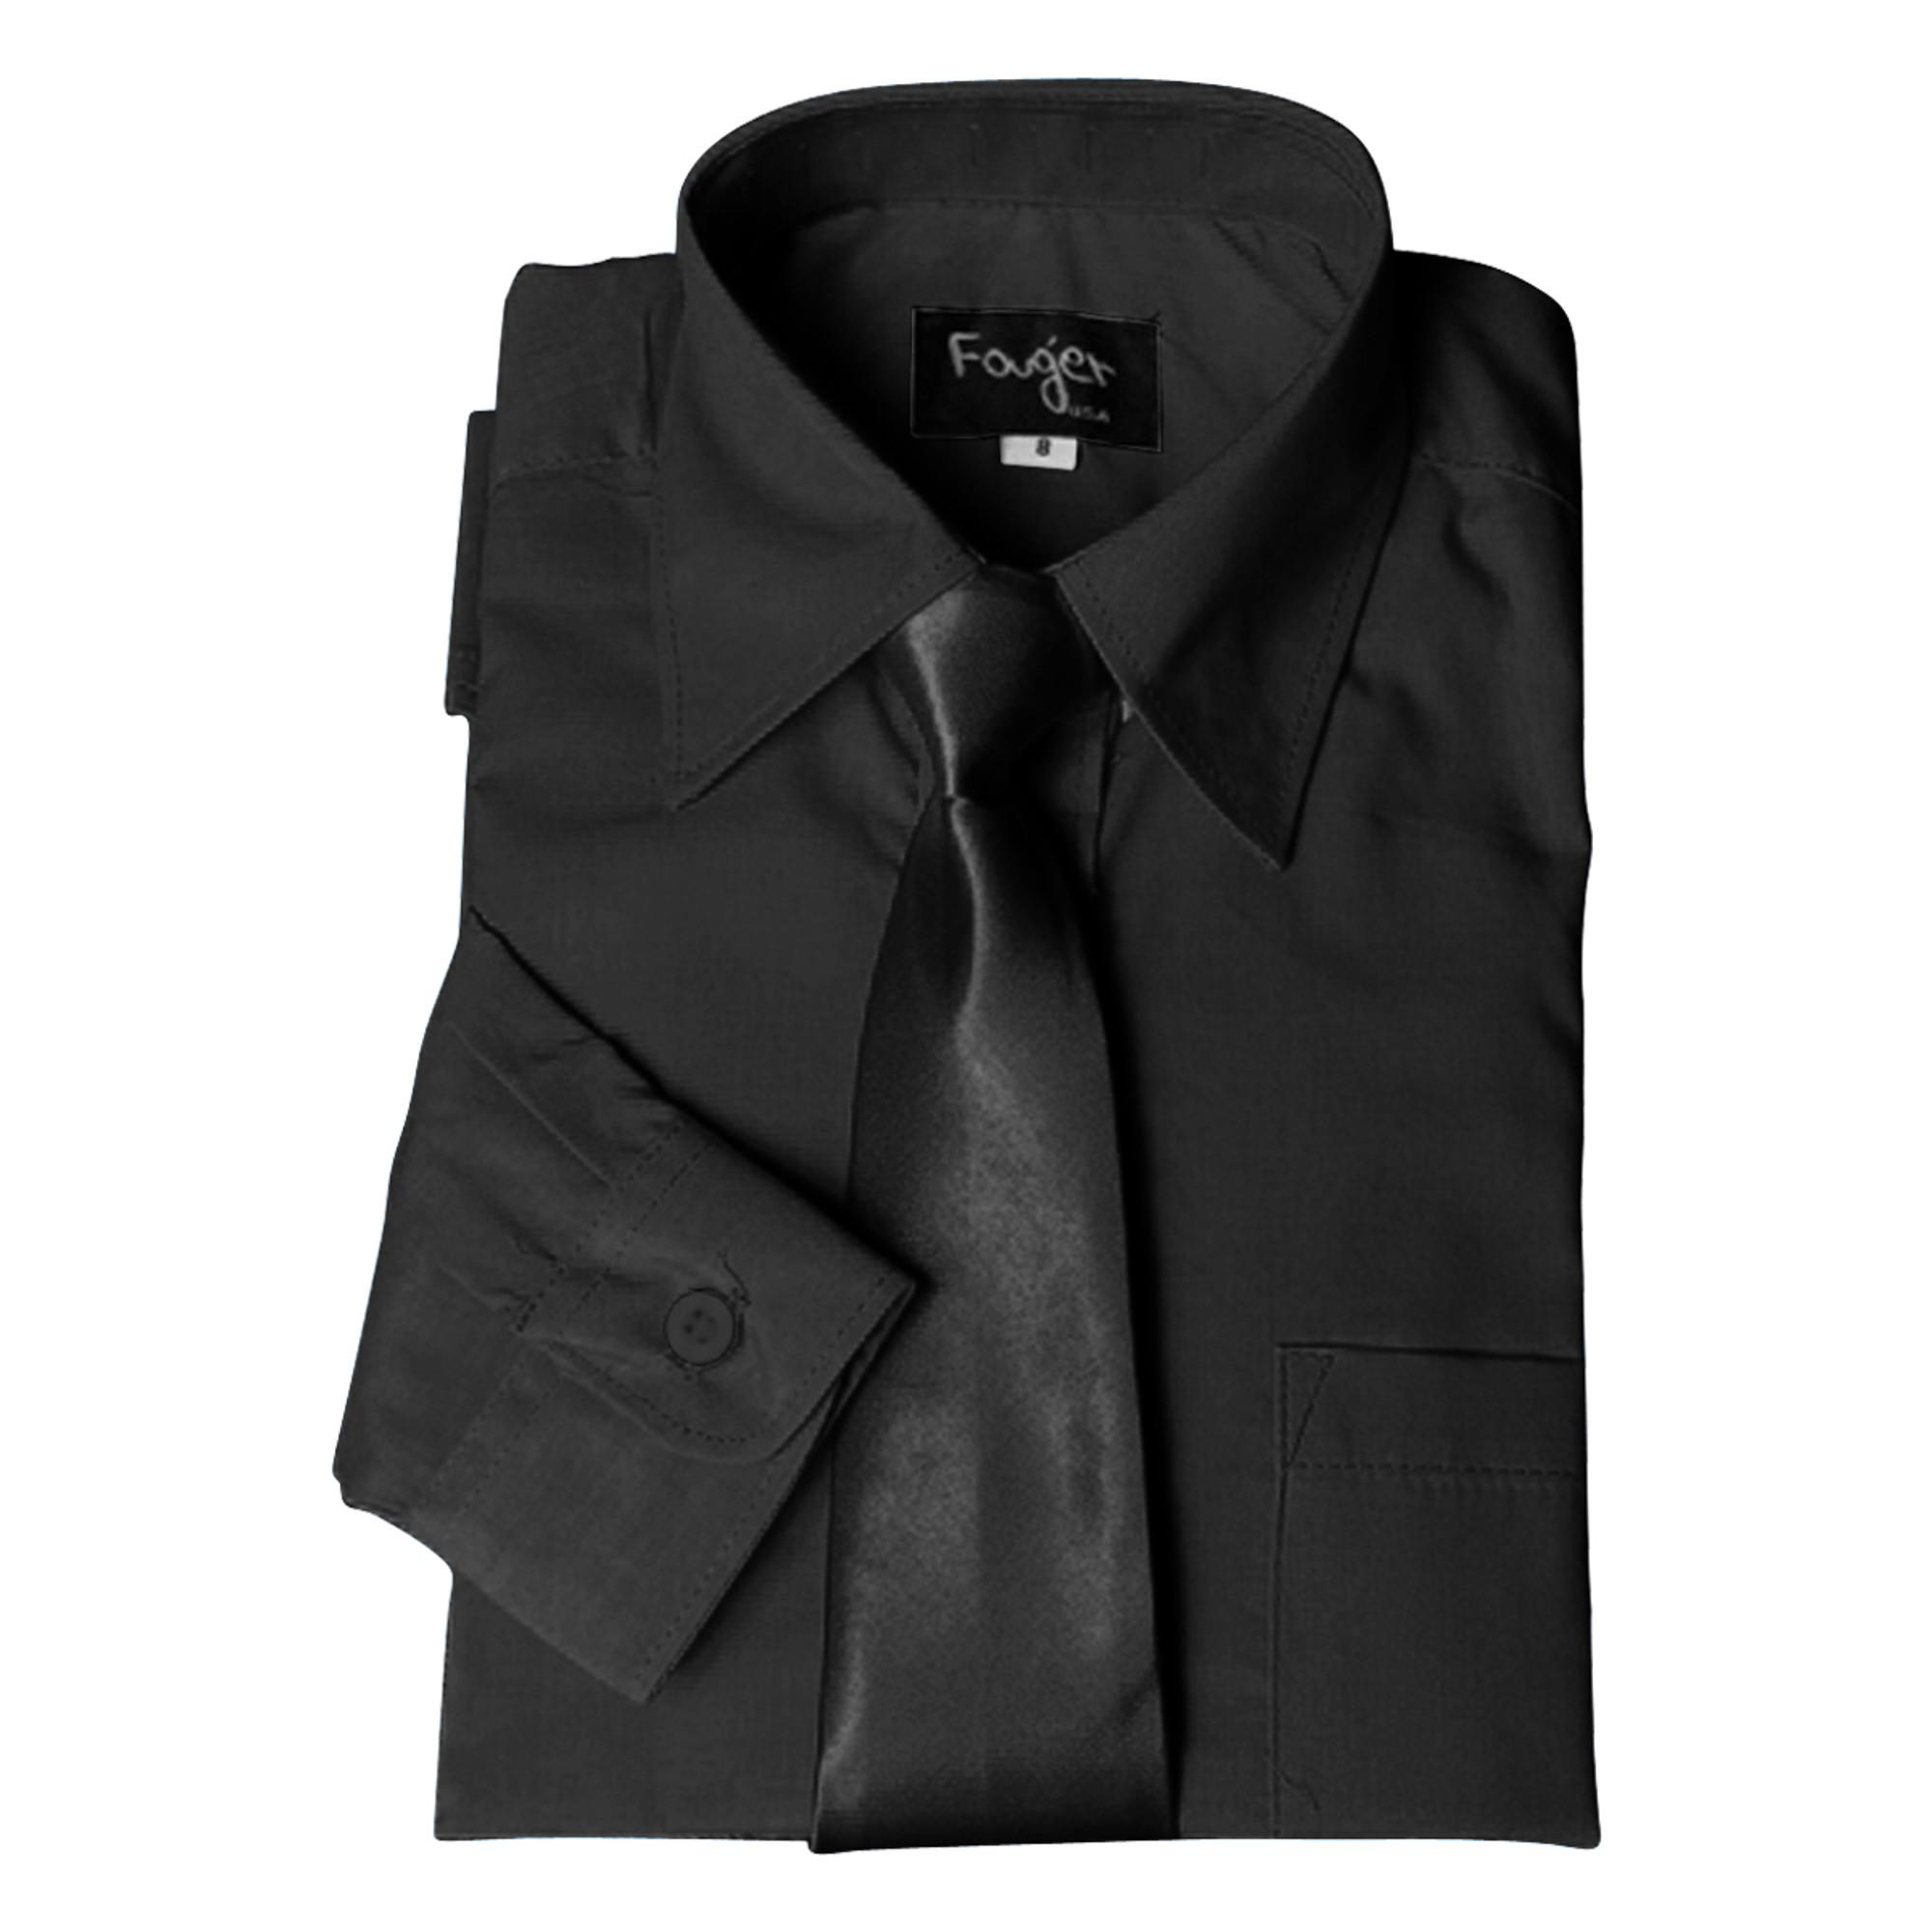 BIMARO Jungen Kinderhemd mit Krawatte schwarz klassisch Hemd langarm festlich Hochzeit Kommunion Weihnachten  001